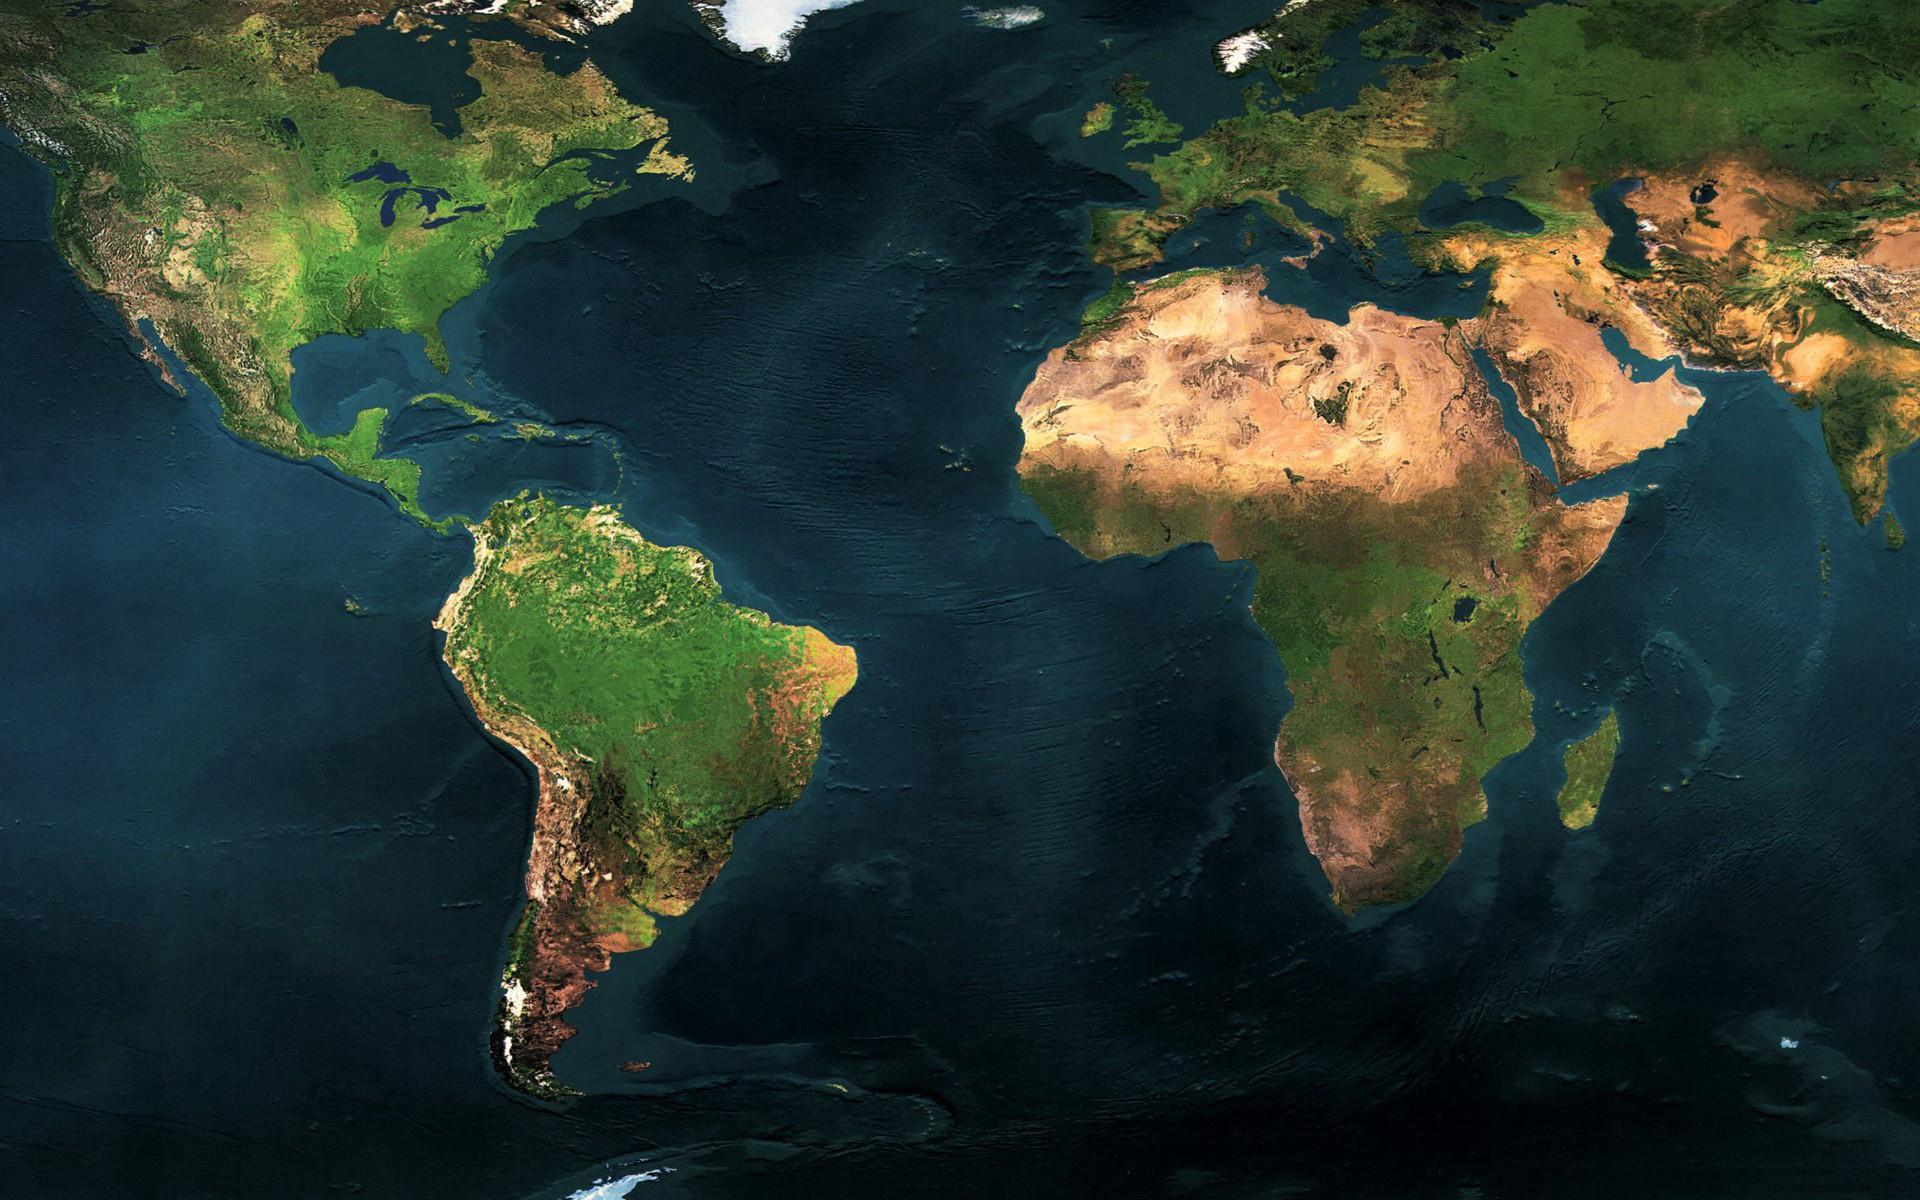 Объемная карта мира рельефная океаны